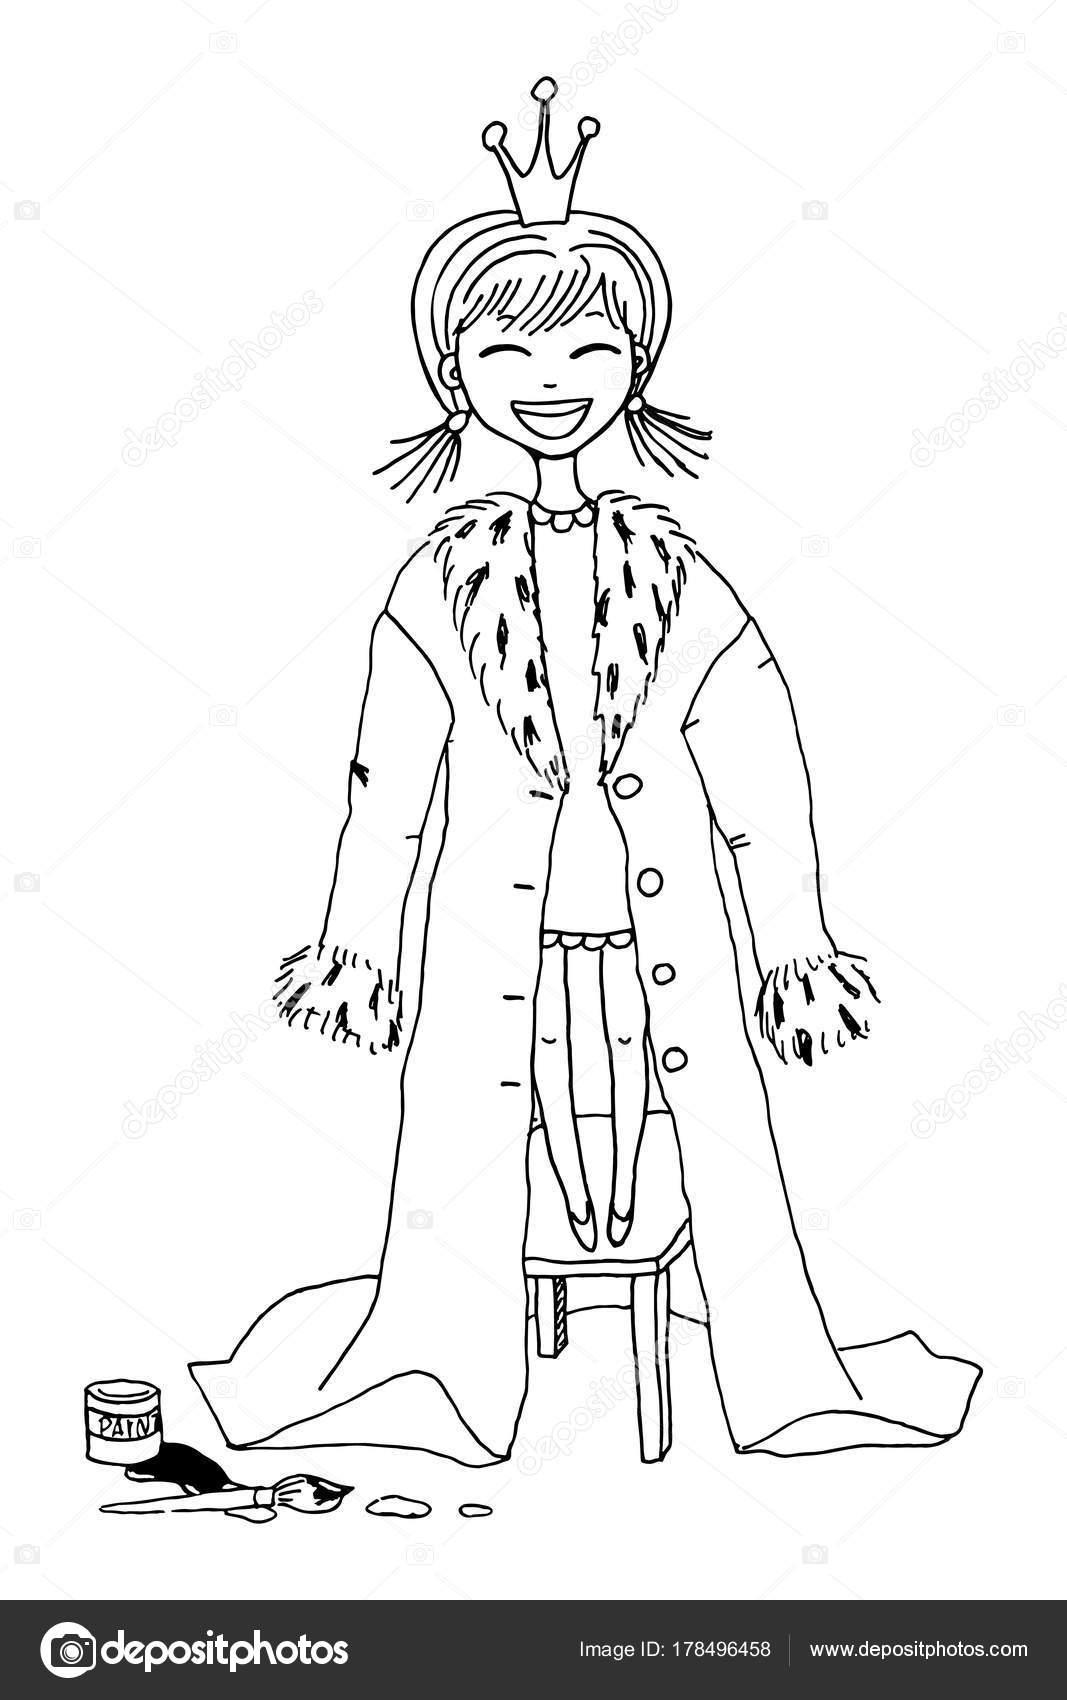 Ausmalbilder Kleine Prinzessin : Kleine Prinzessin M Dchen Stockvektor De Kay 178496458